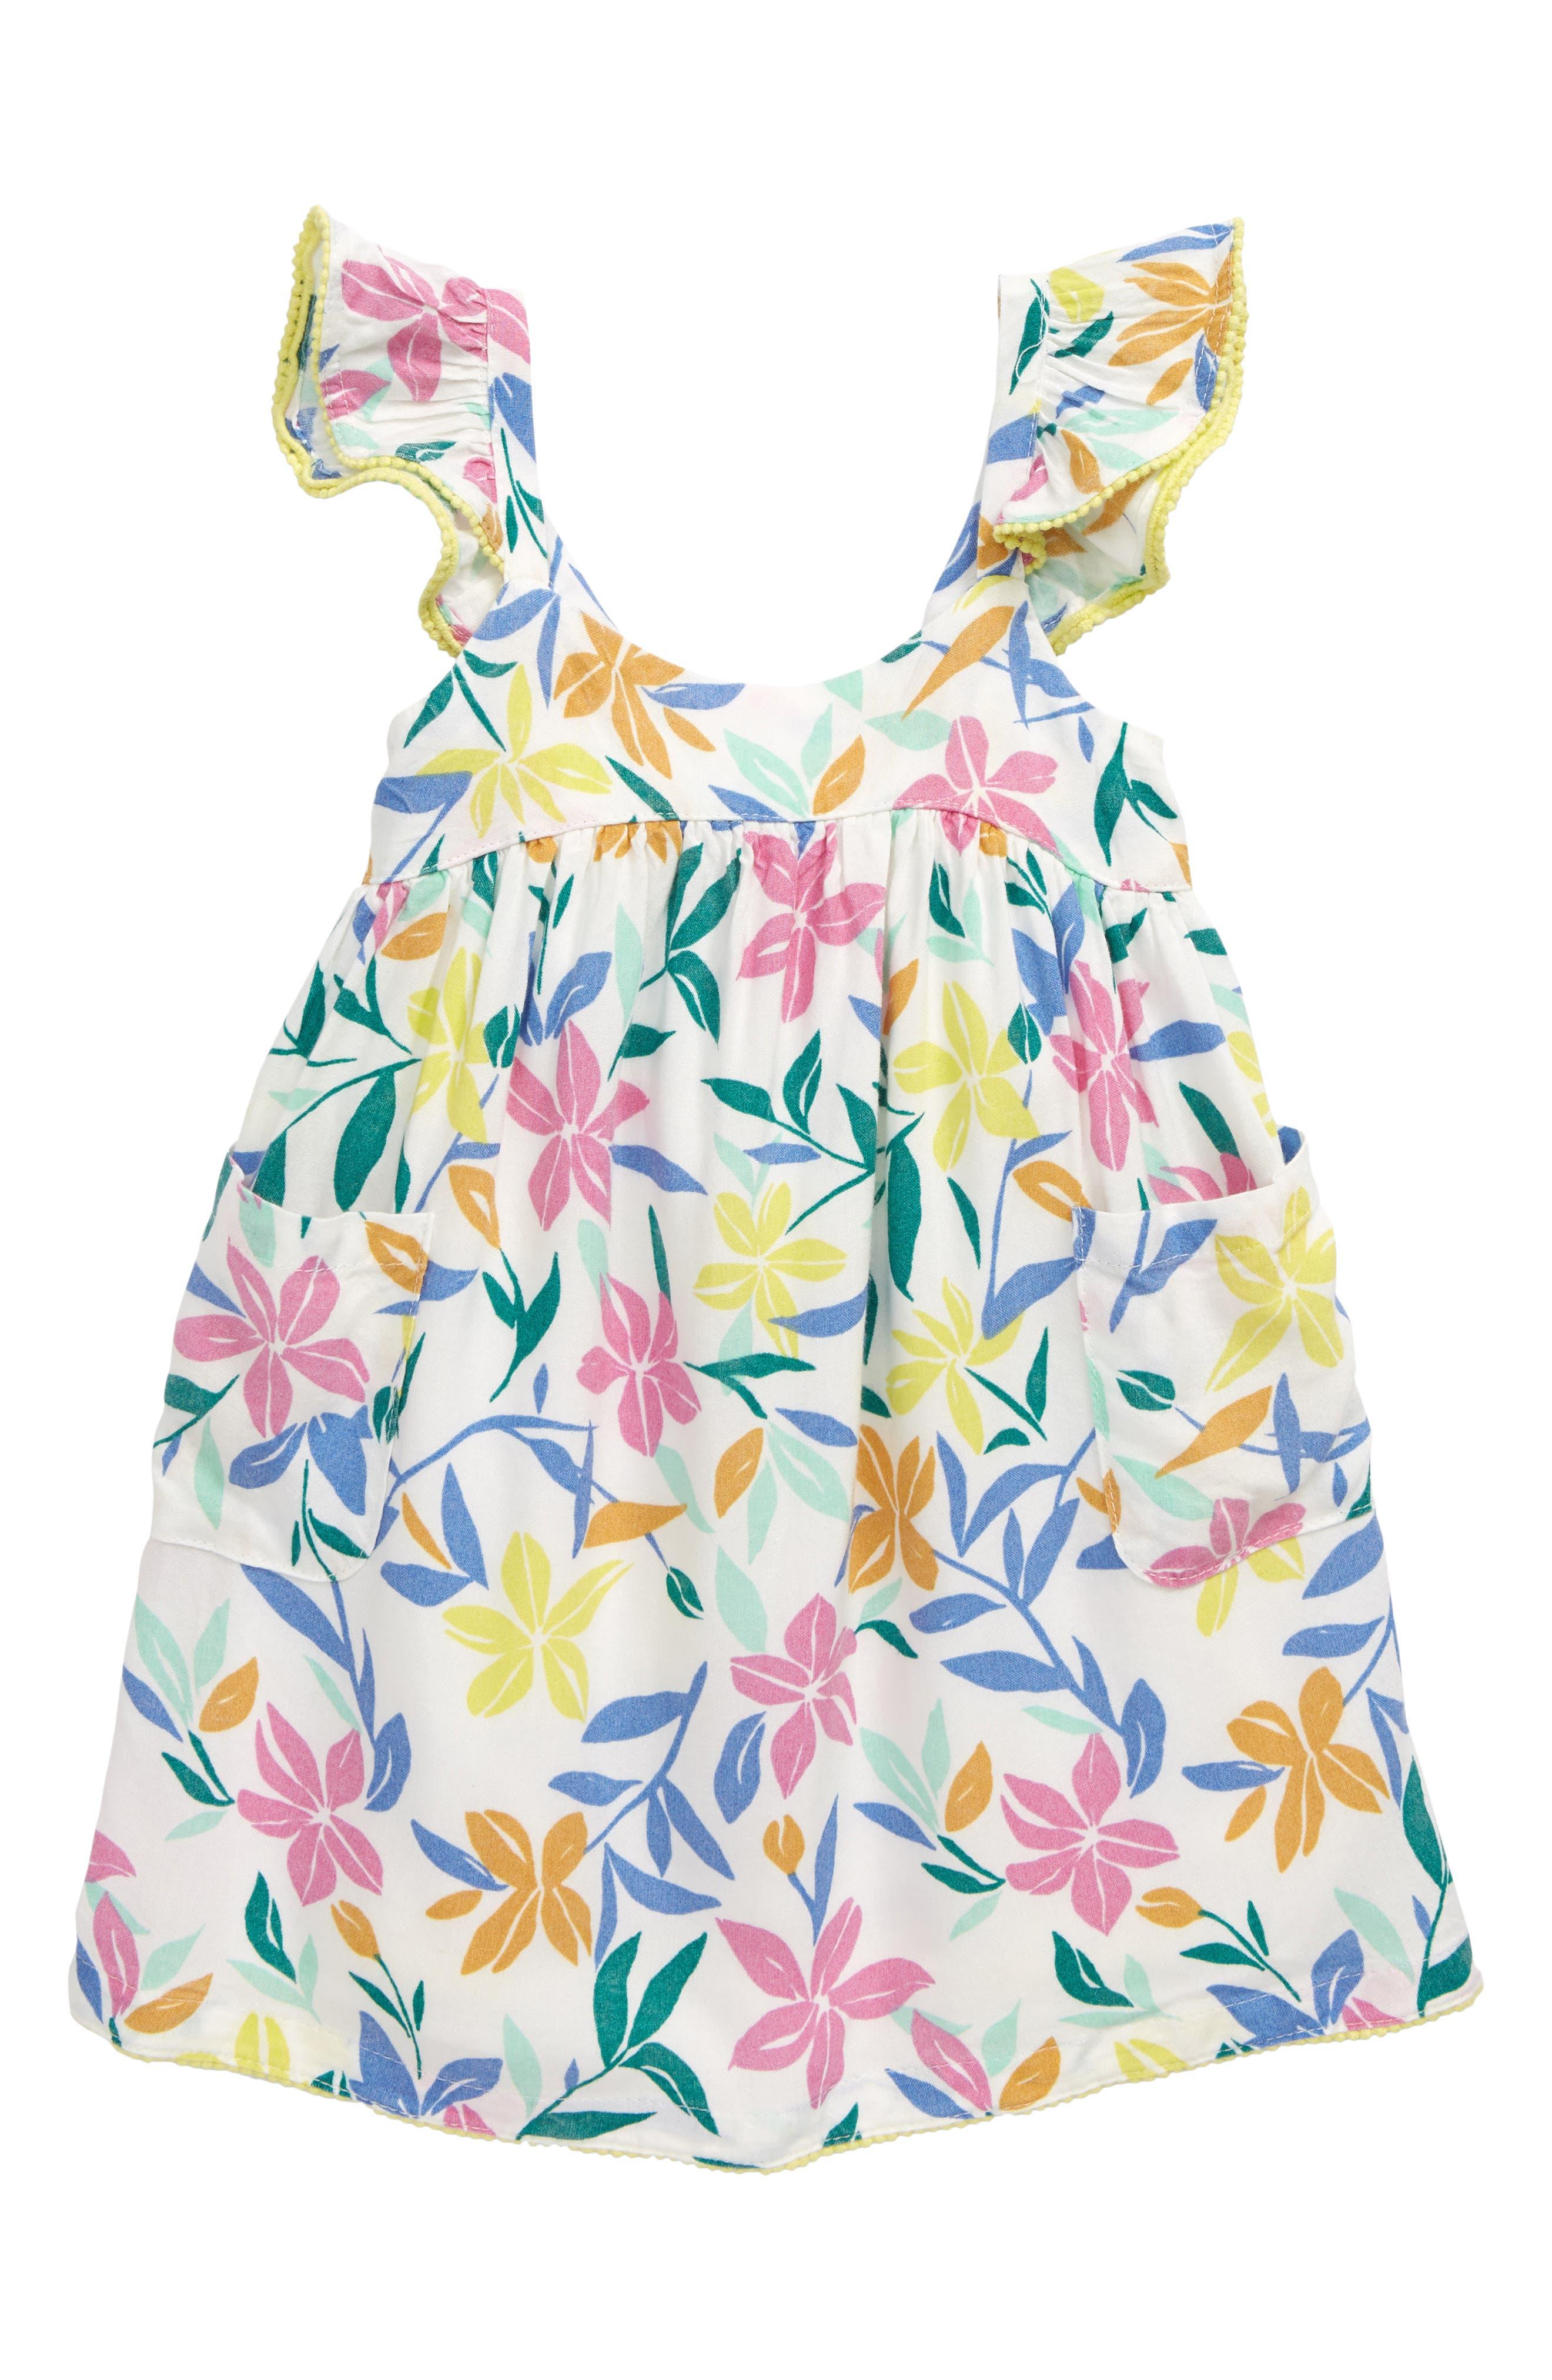 Image of PEEK ESSENTIALS Margot Floral Print Flutter Sleeve Dress